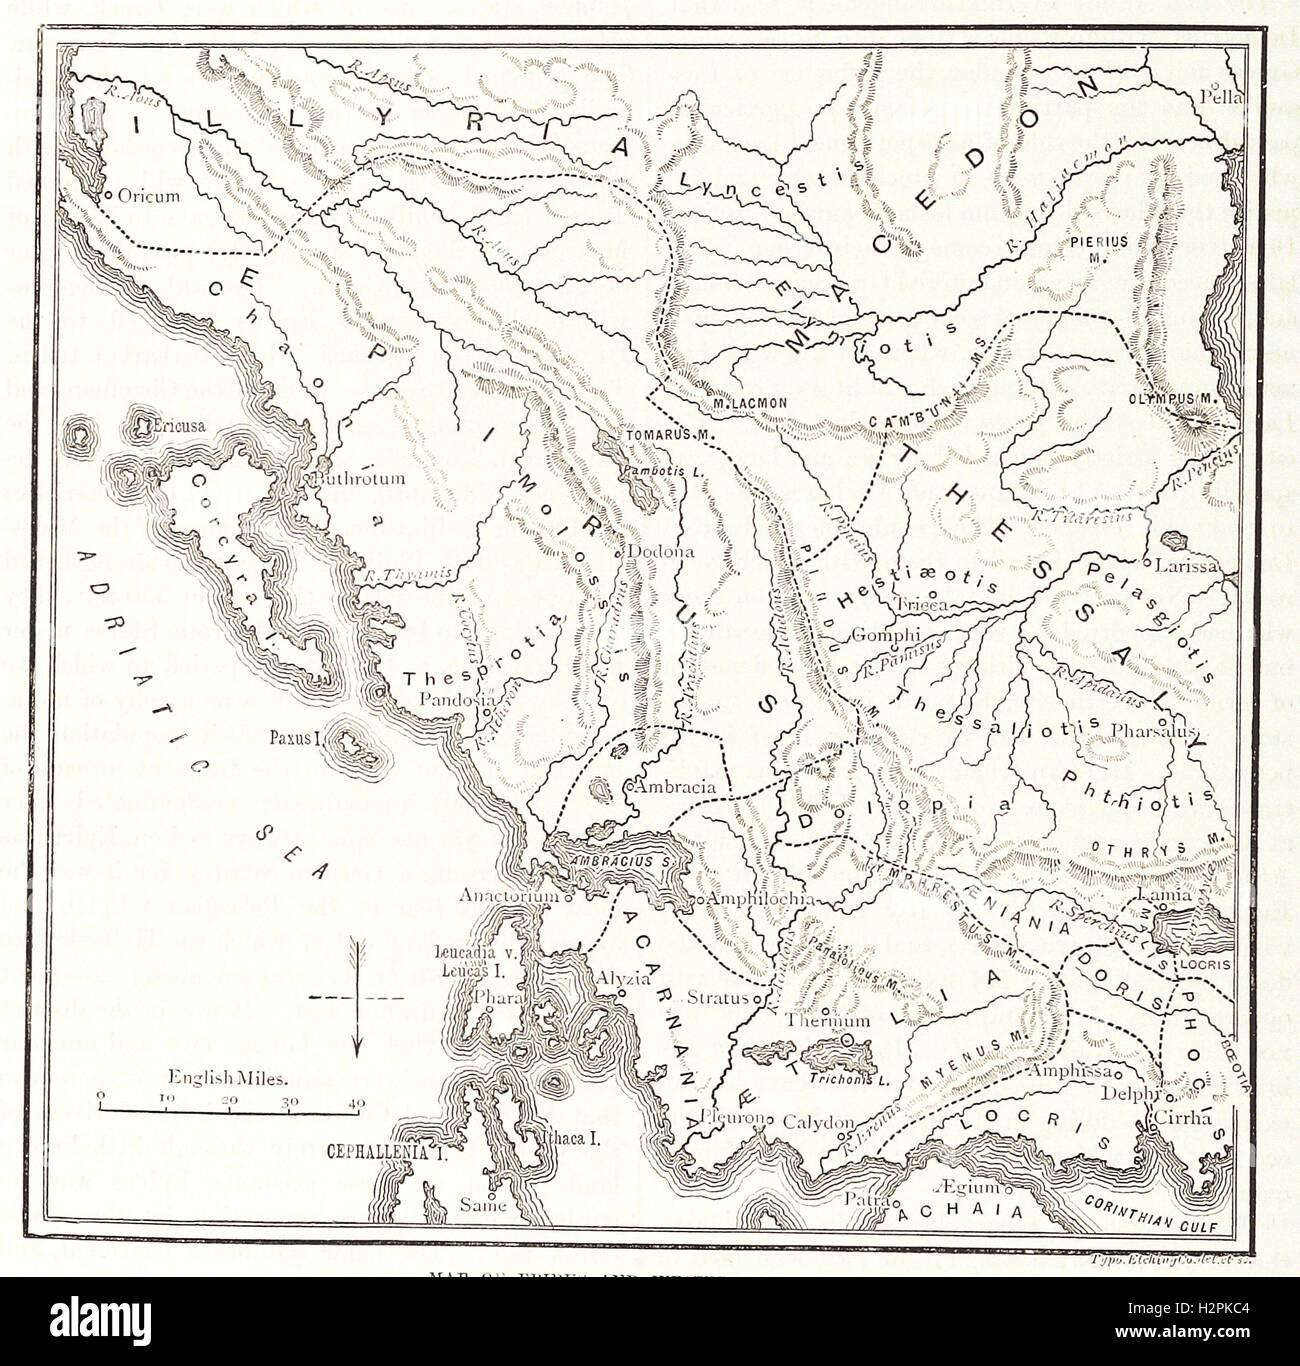 """Mappa di Epiro e della Grecia occidentale. - Dalla 'Cassell illustrato della storia universale"""" - 1882 Immagini Stock"""